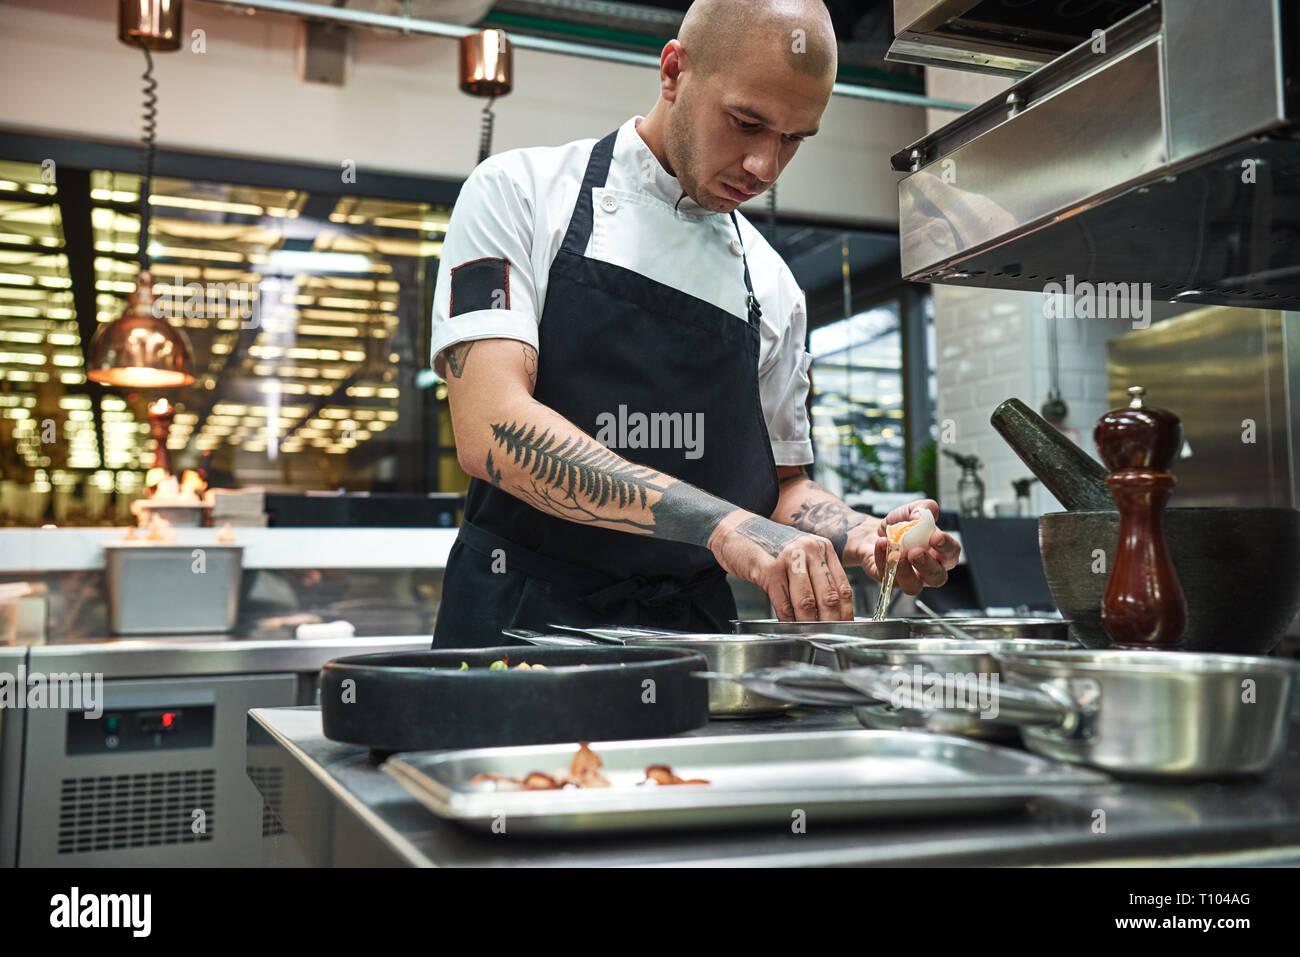 Wichtige Zutat. Junge Küchenchef brechen ein Ei für traditionelle italienische Pasta, während in einem Restaurant in der Küche stehend konzentriert. Kochen Stockfoto